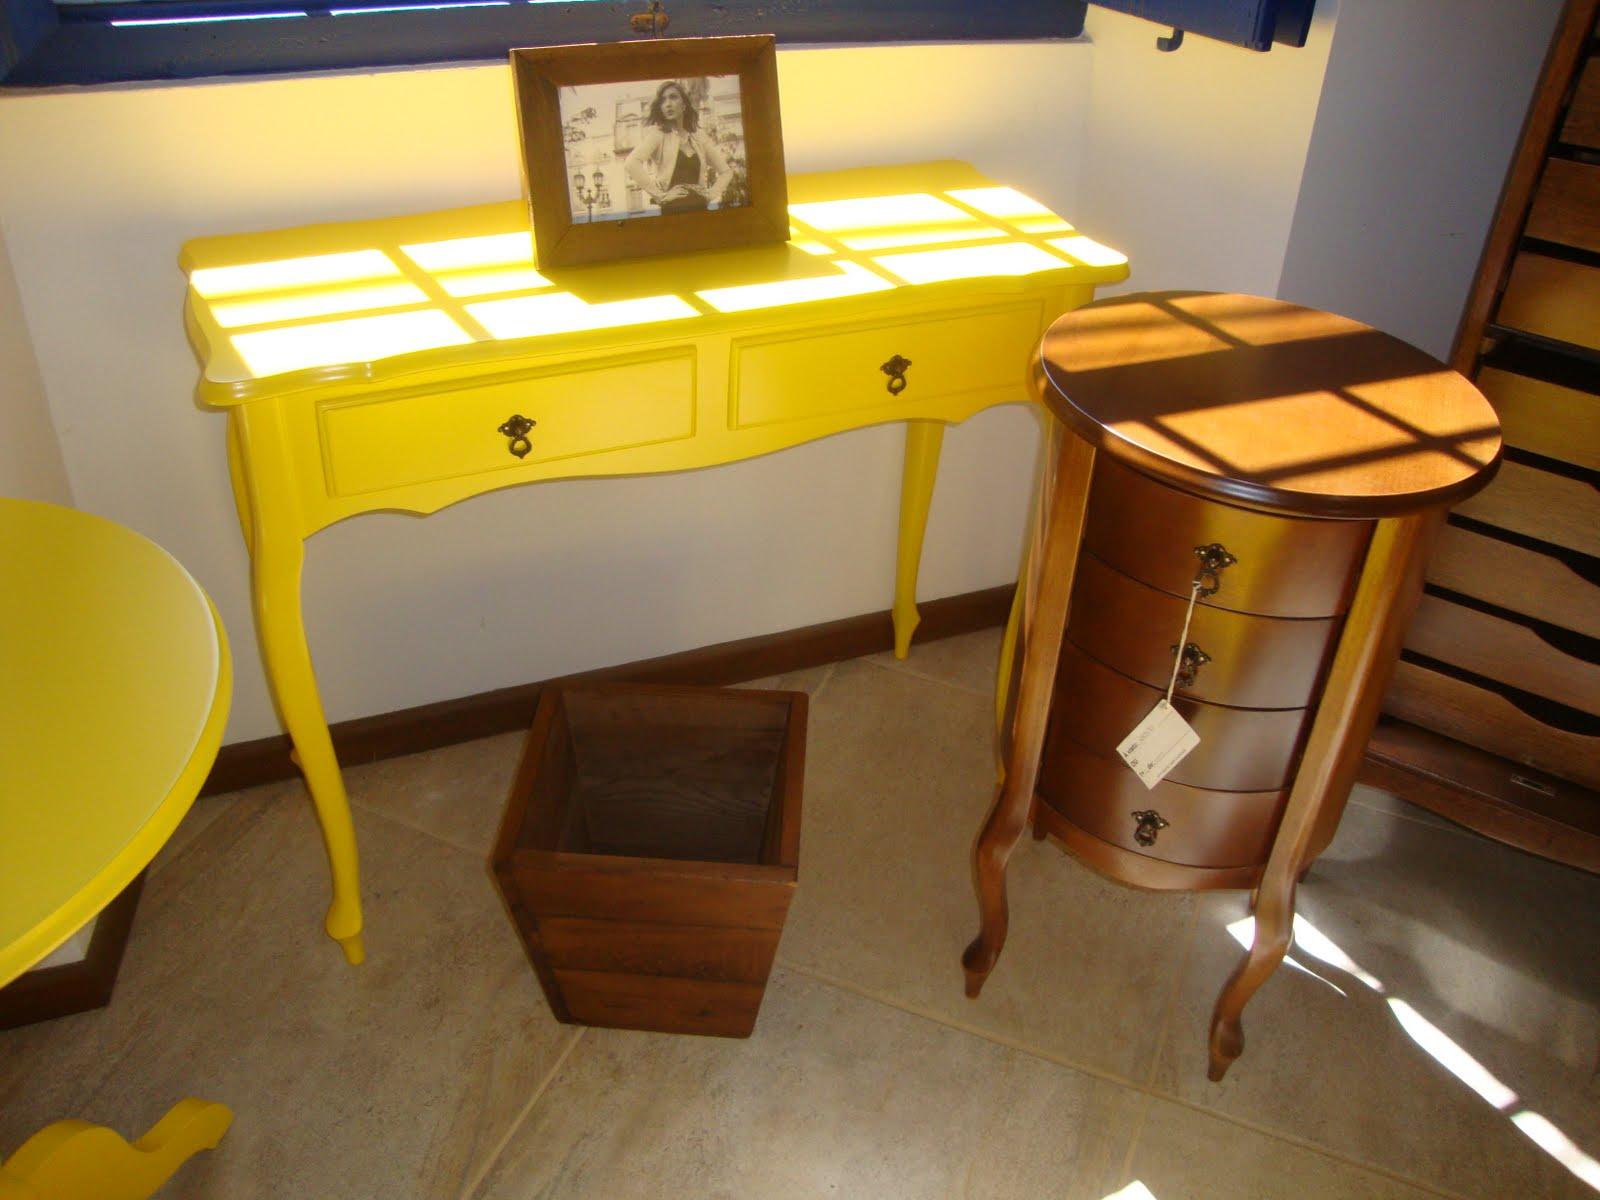 Aparador Retro Amarelo: Idea store compre rack balcÃo aparador de  #B79714 1600x1200